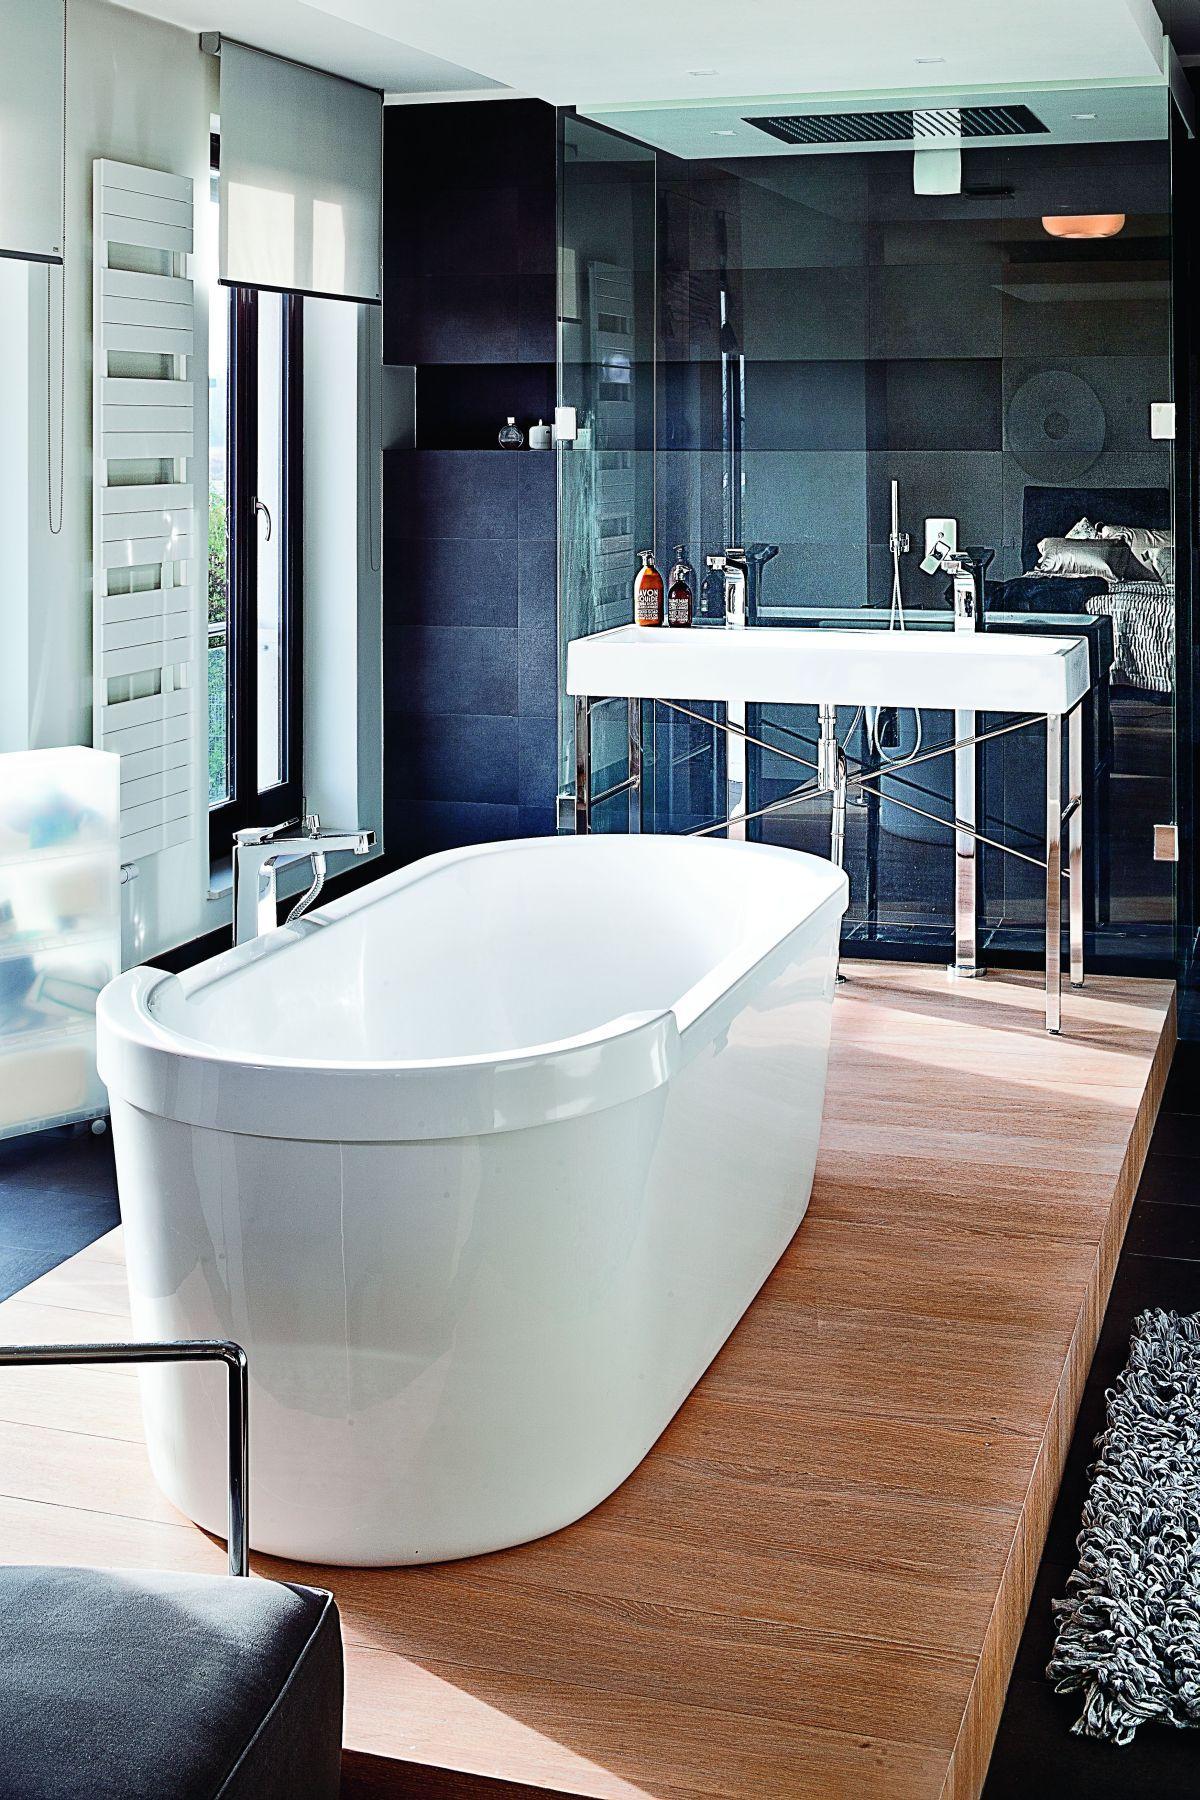 Nowoczesna Białą łazienka Wyposażona Jest W Drewniany